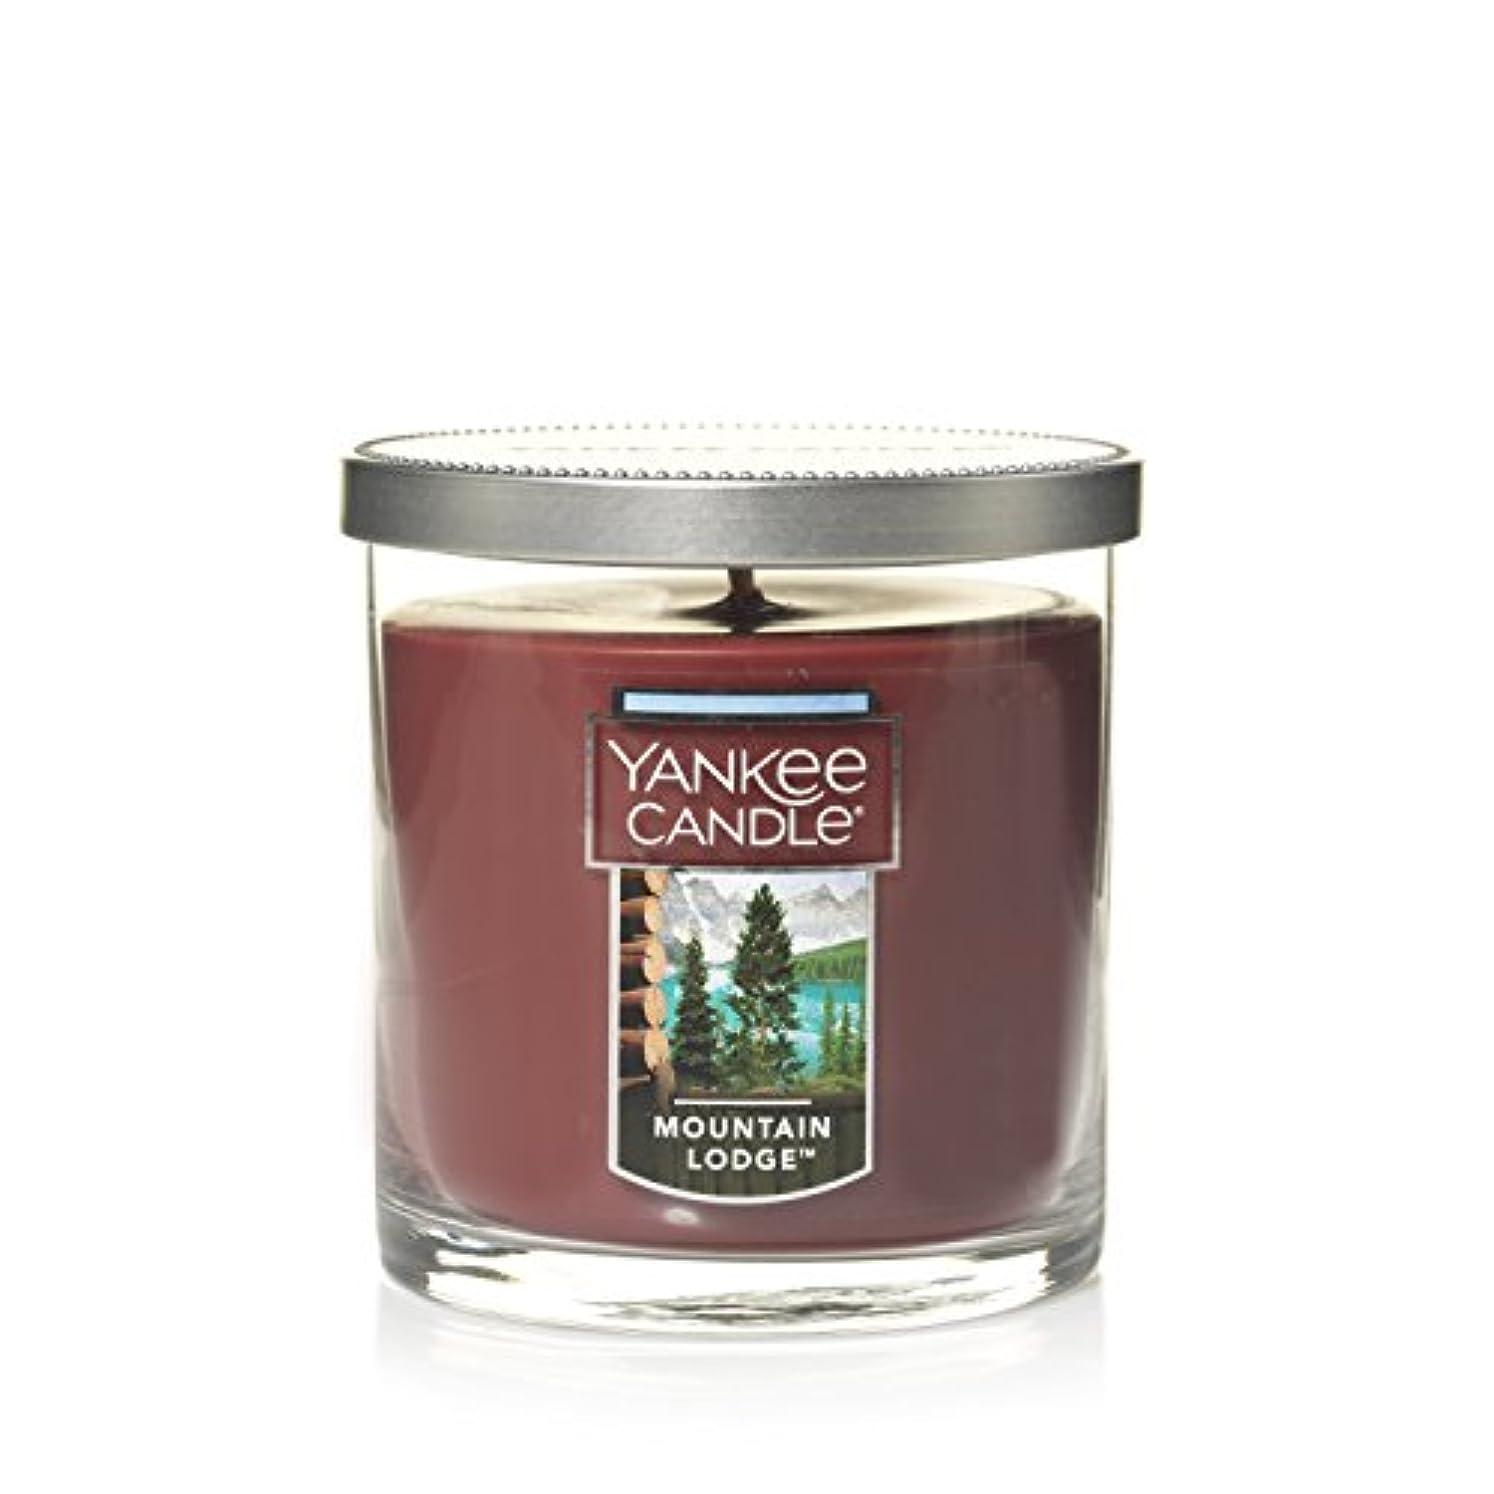 状況深い探すYankee Candle Lサイズ ジャーキャンドル、マウンテンロッジ Small Tumbler Candle ブラウン 1187963Z